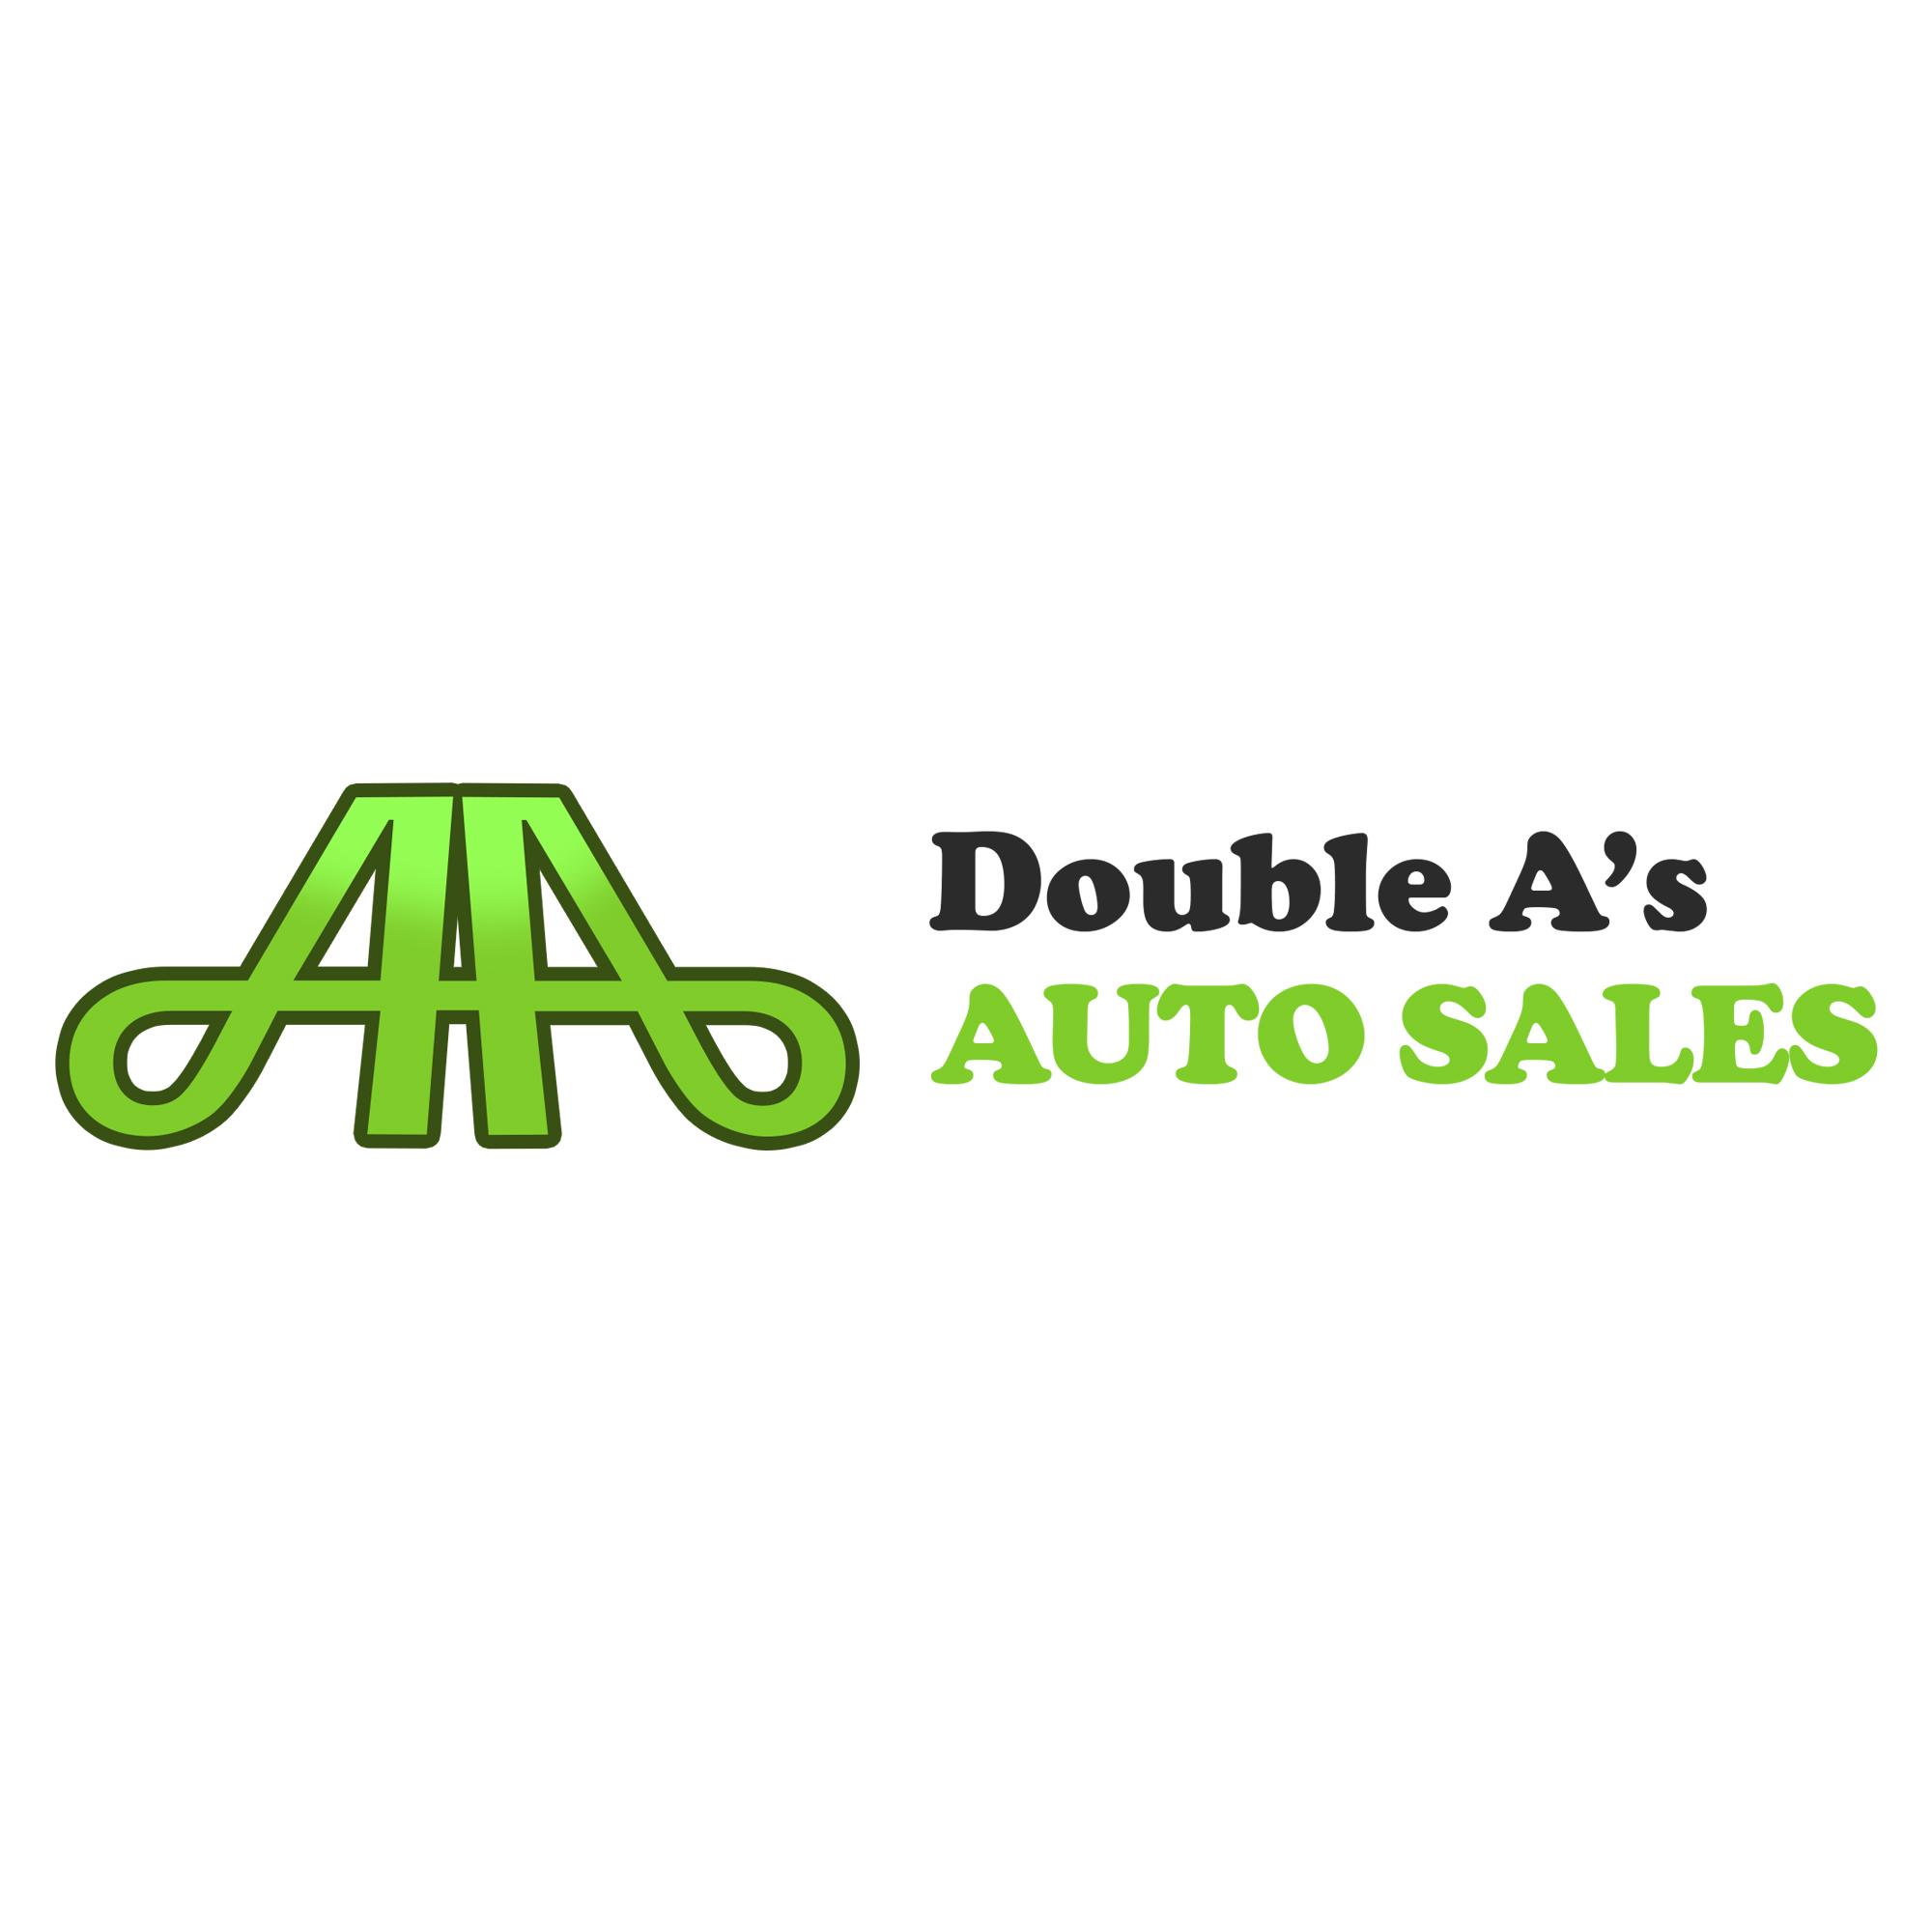 Double A's Auto Sales